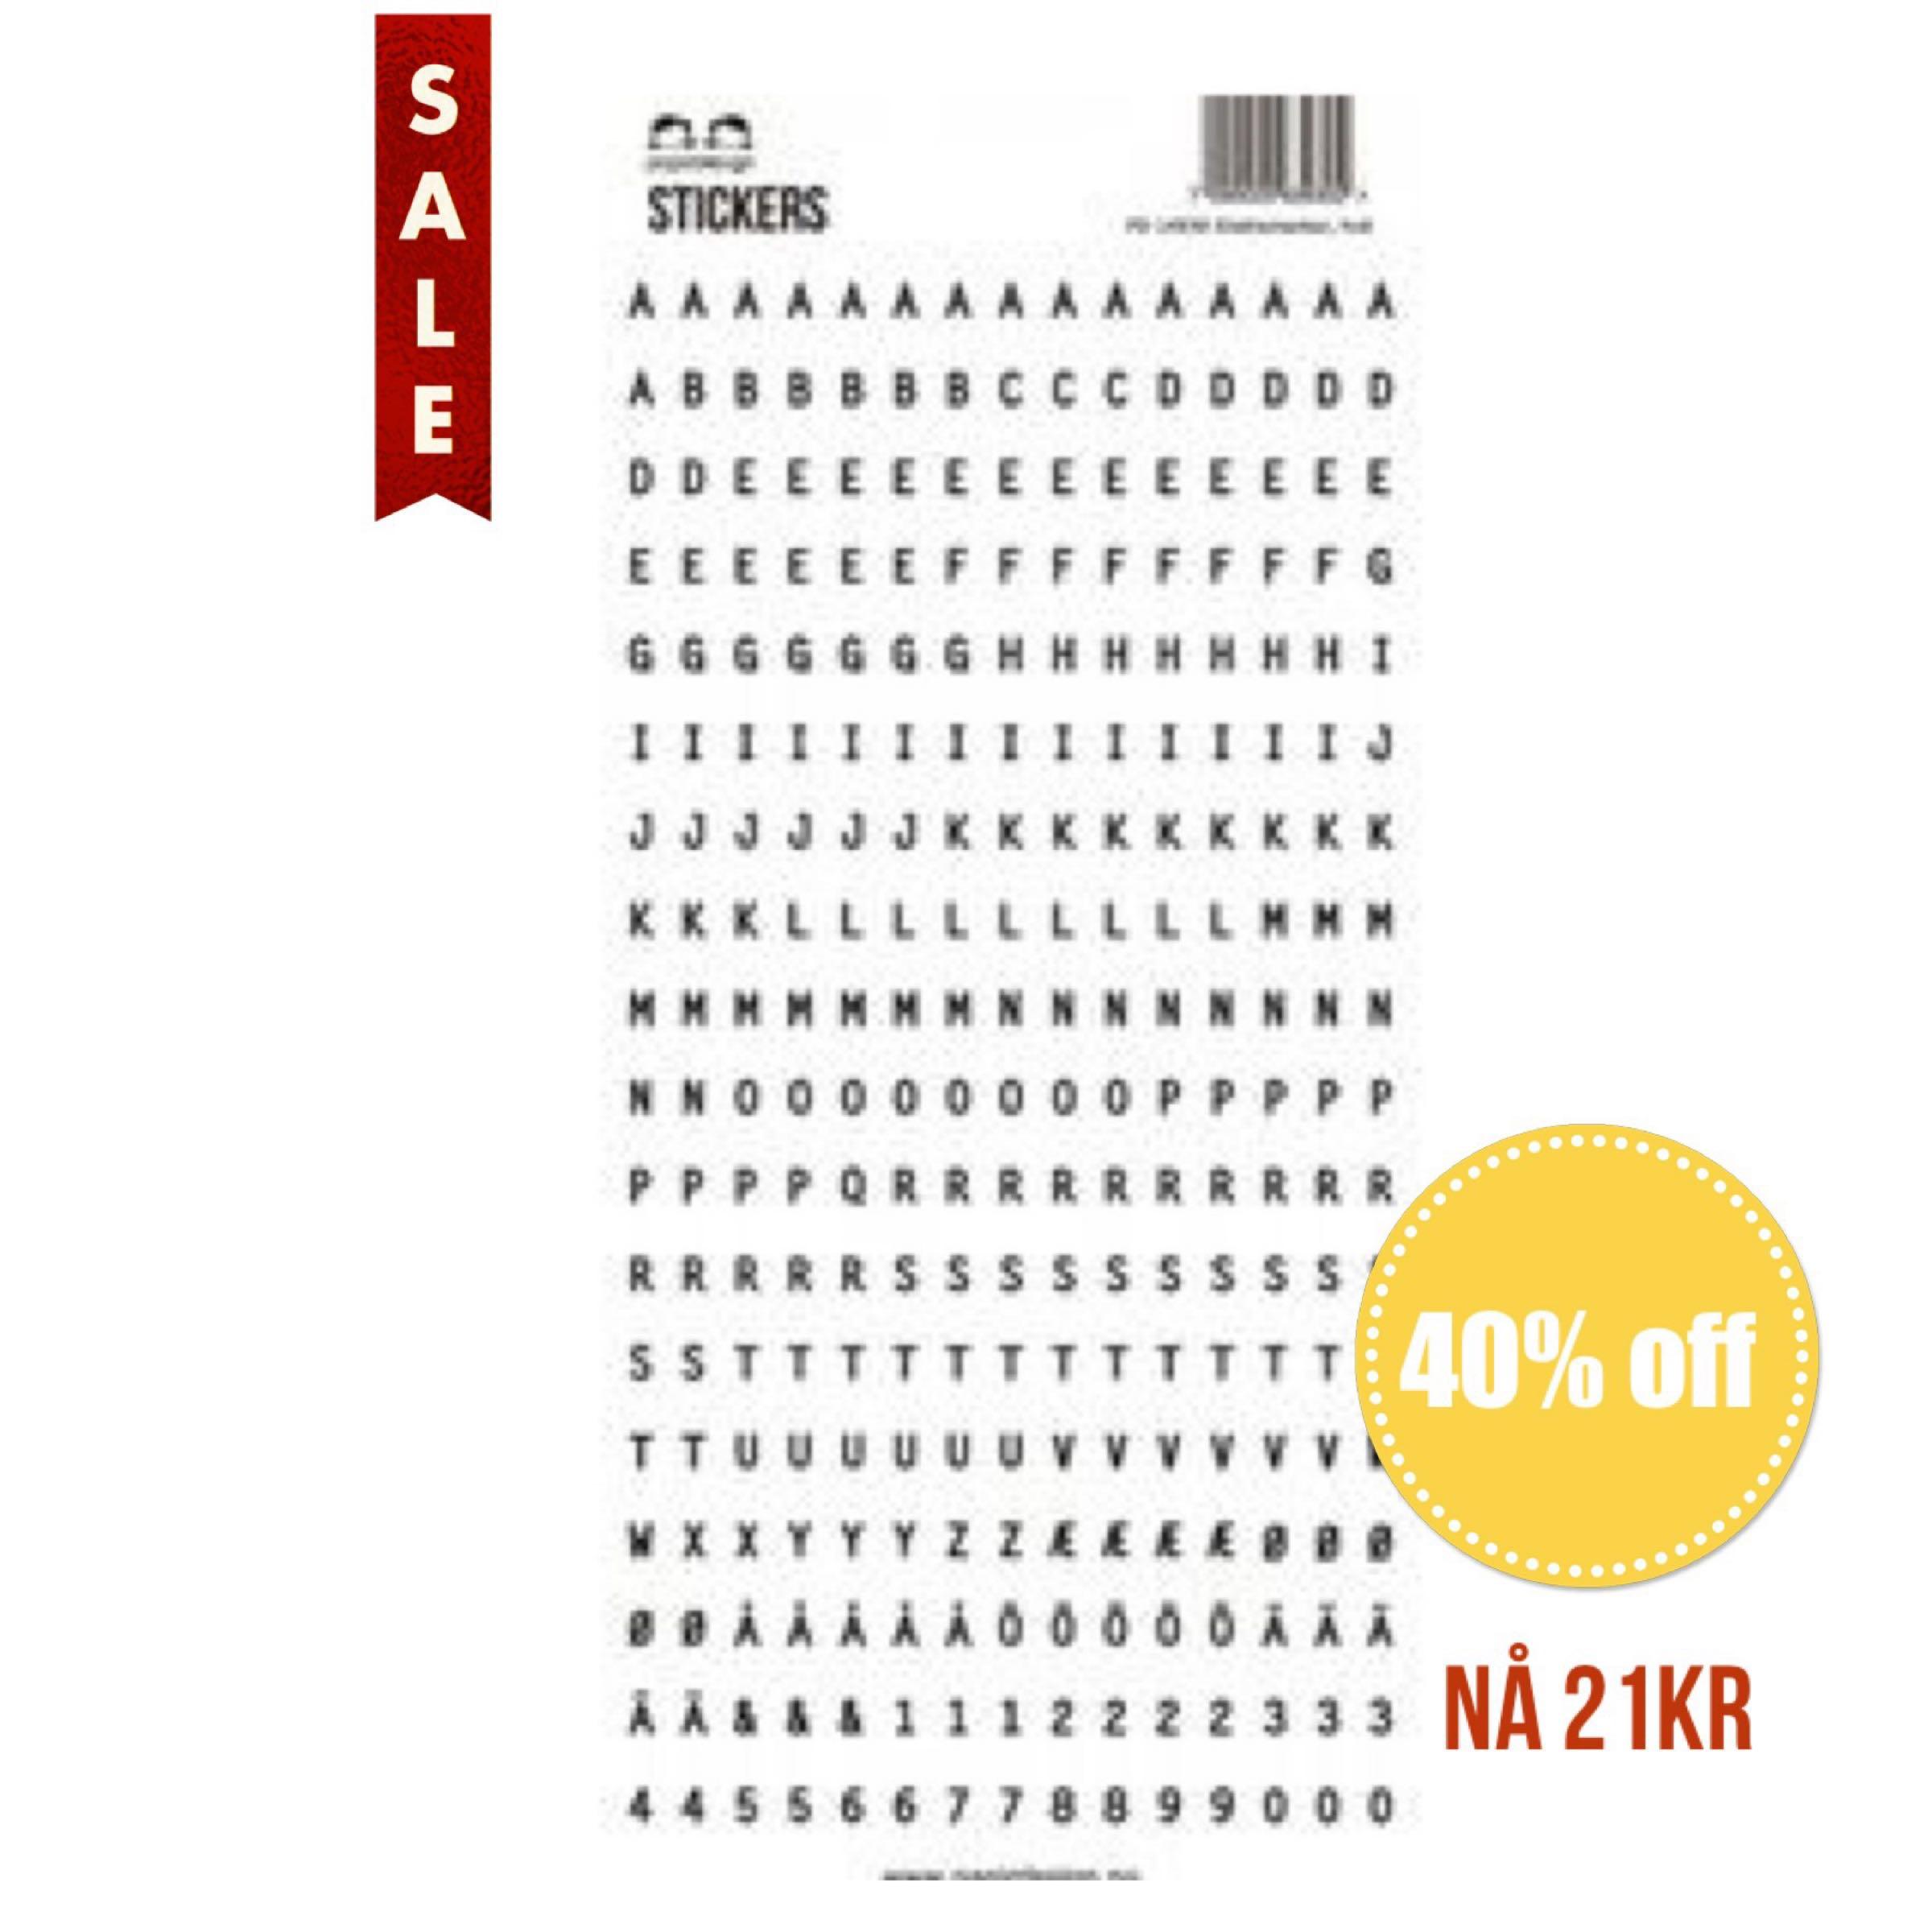 Papirdesign Alphabet Stickers / Klistremerker Alfabet - Hvit / White